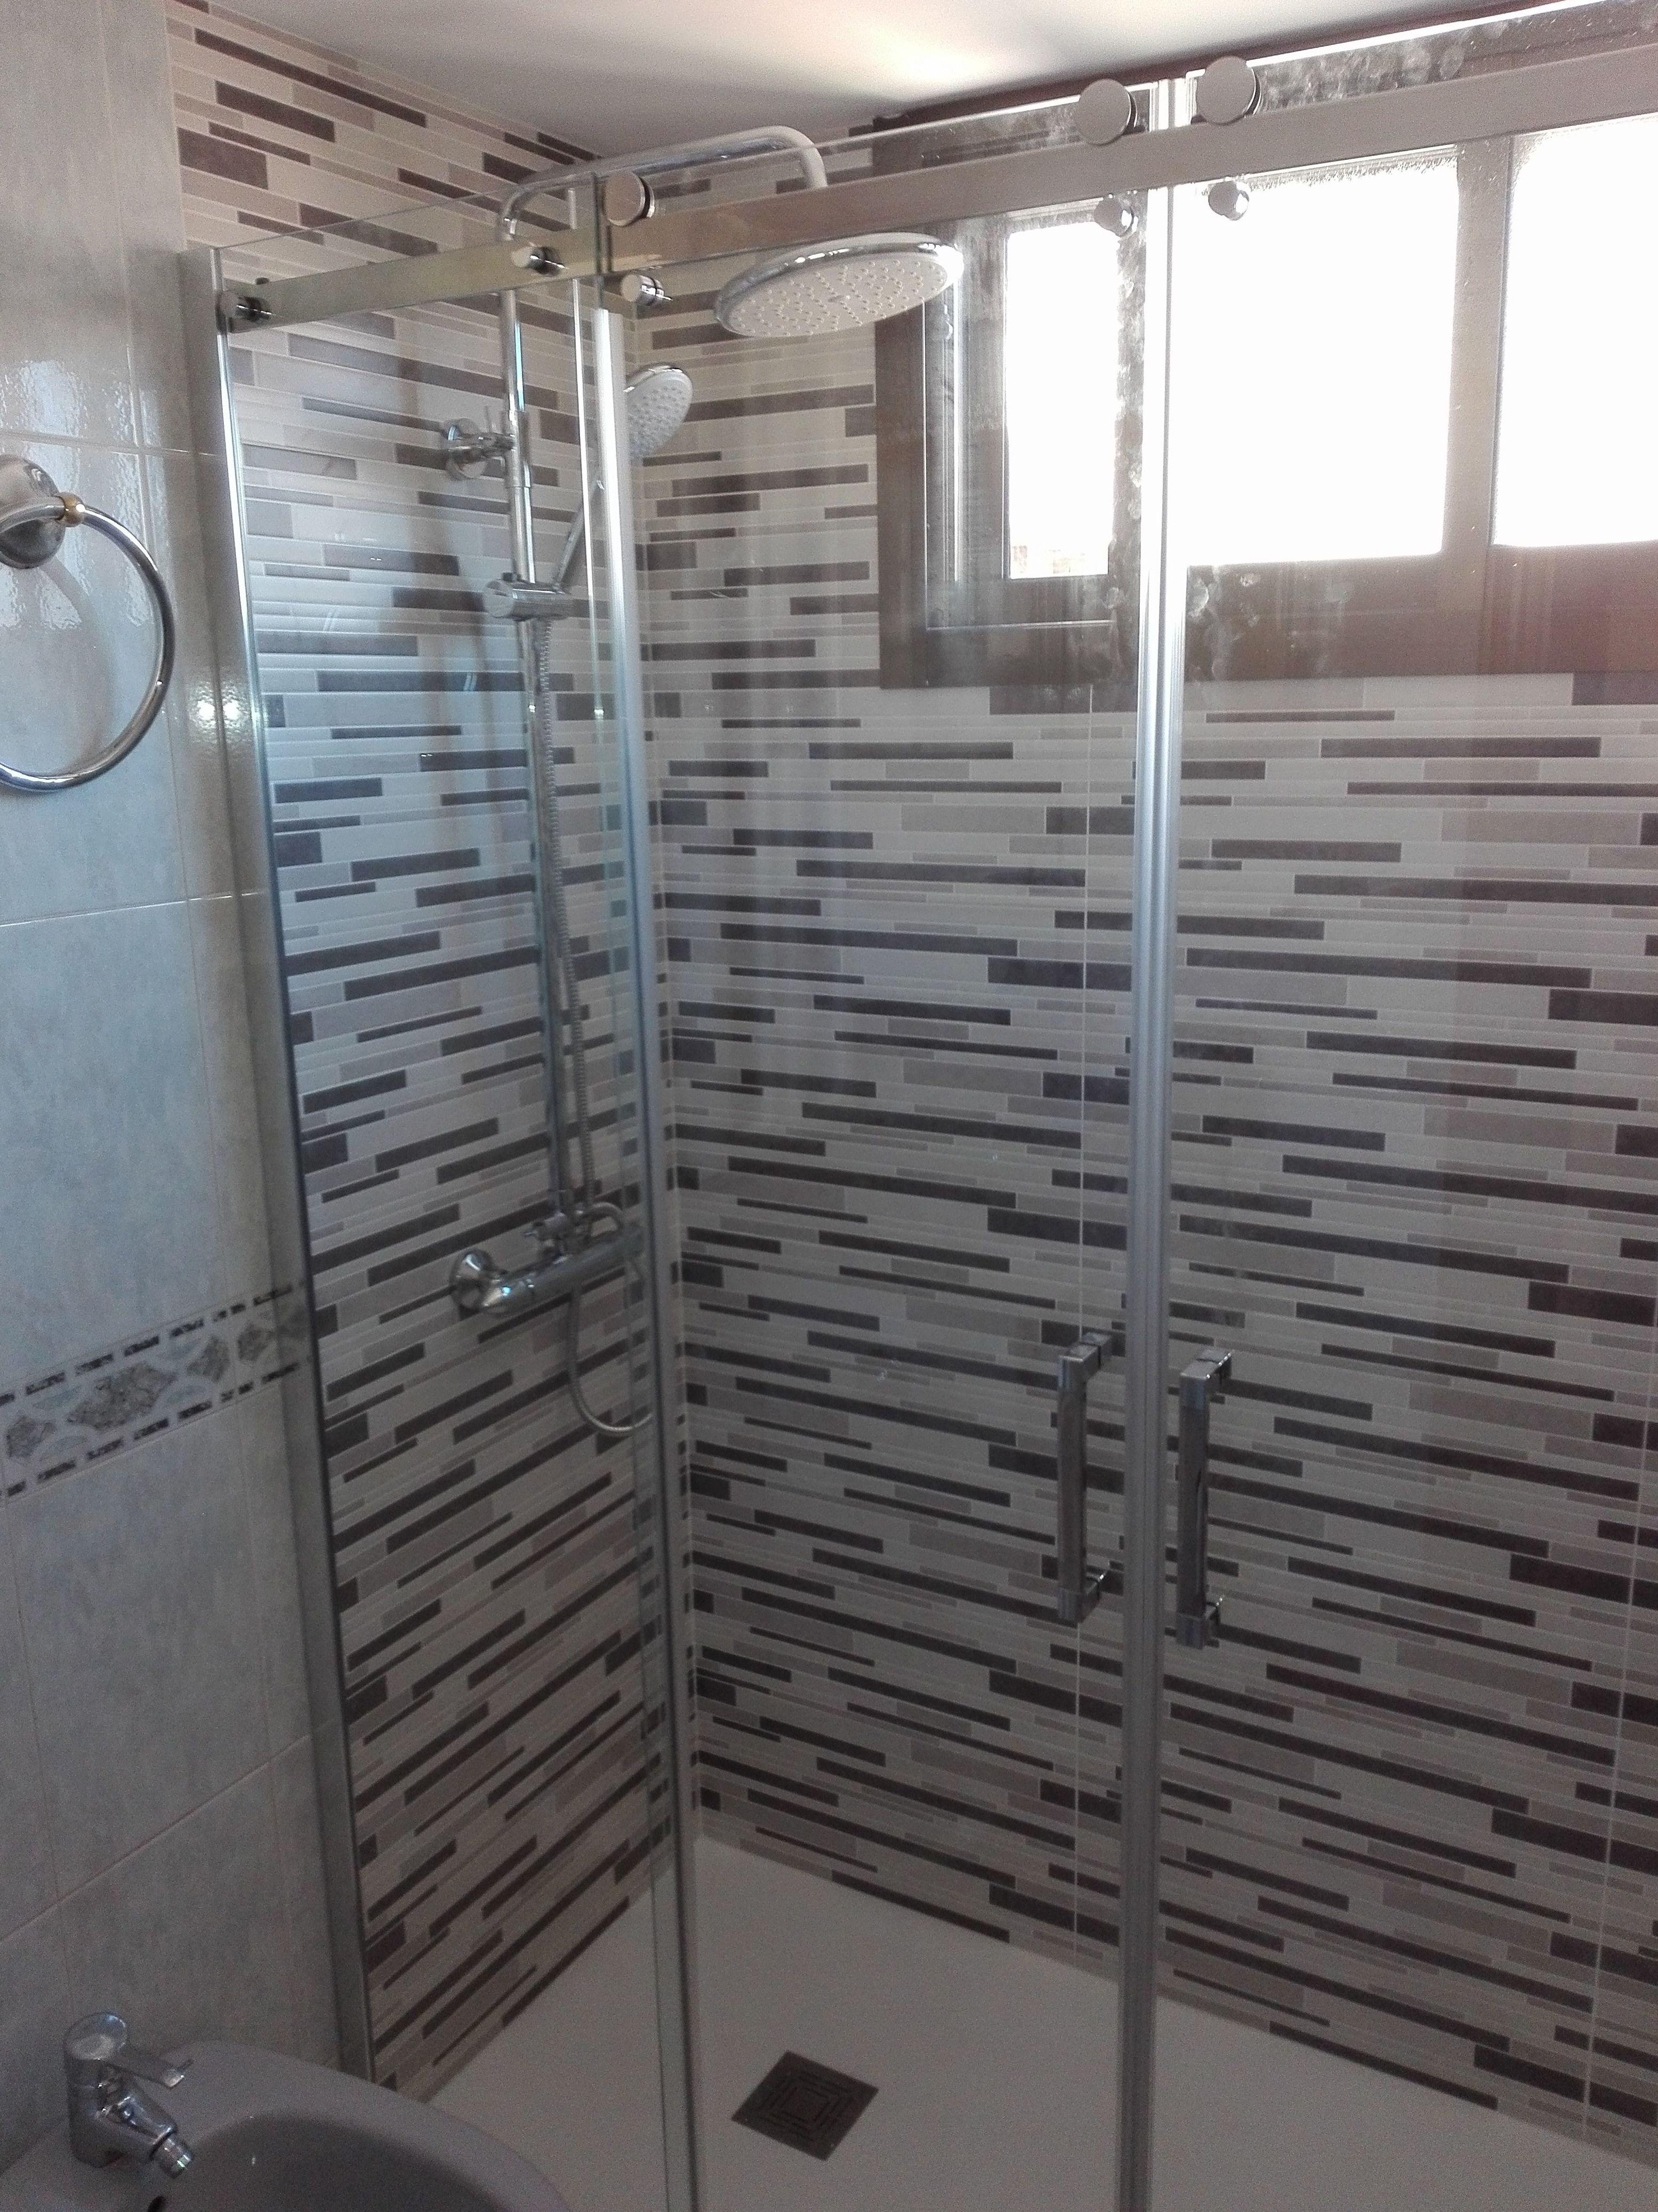 Foto 16 de Reformas de baños y cocinas en Zaragoza | REFORMAS BAÑO MODERNO